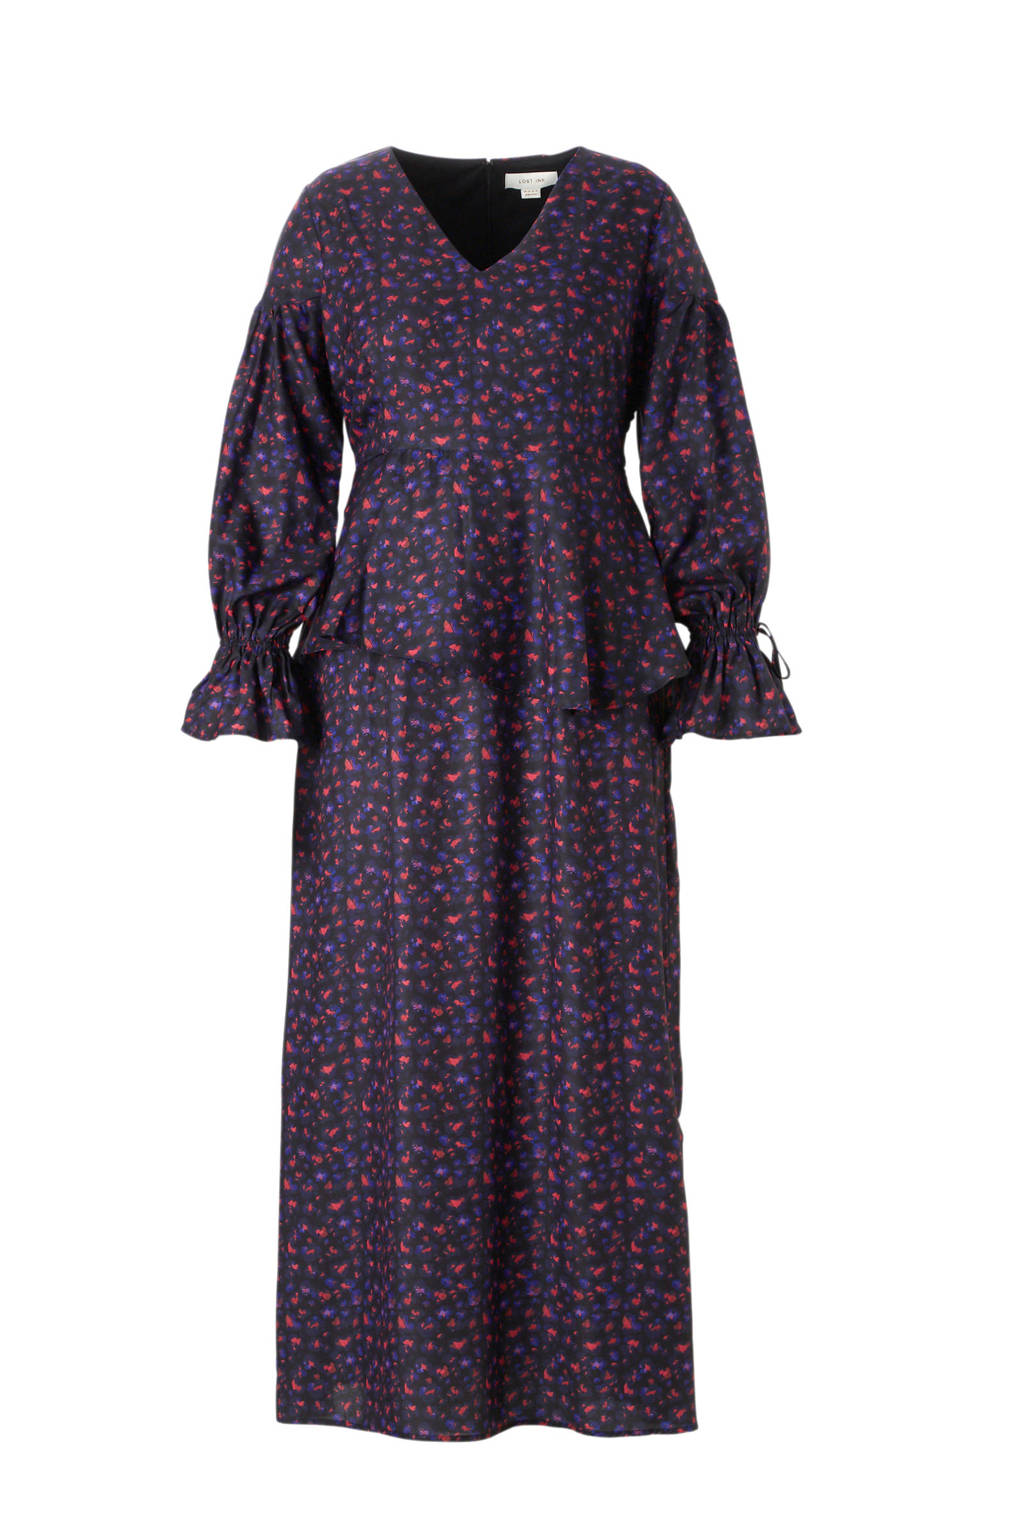 Lost Ink Plus jurk met bloemenprint, zwart/paars/rood